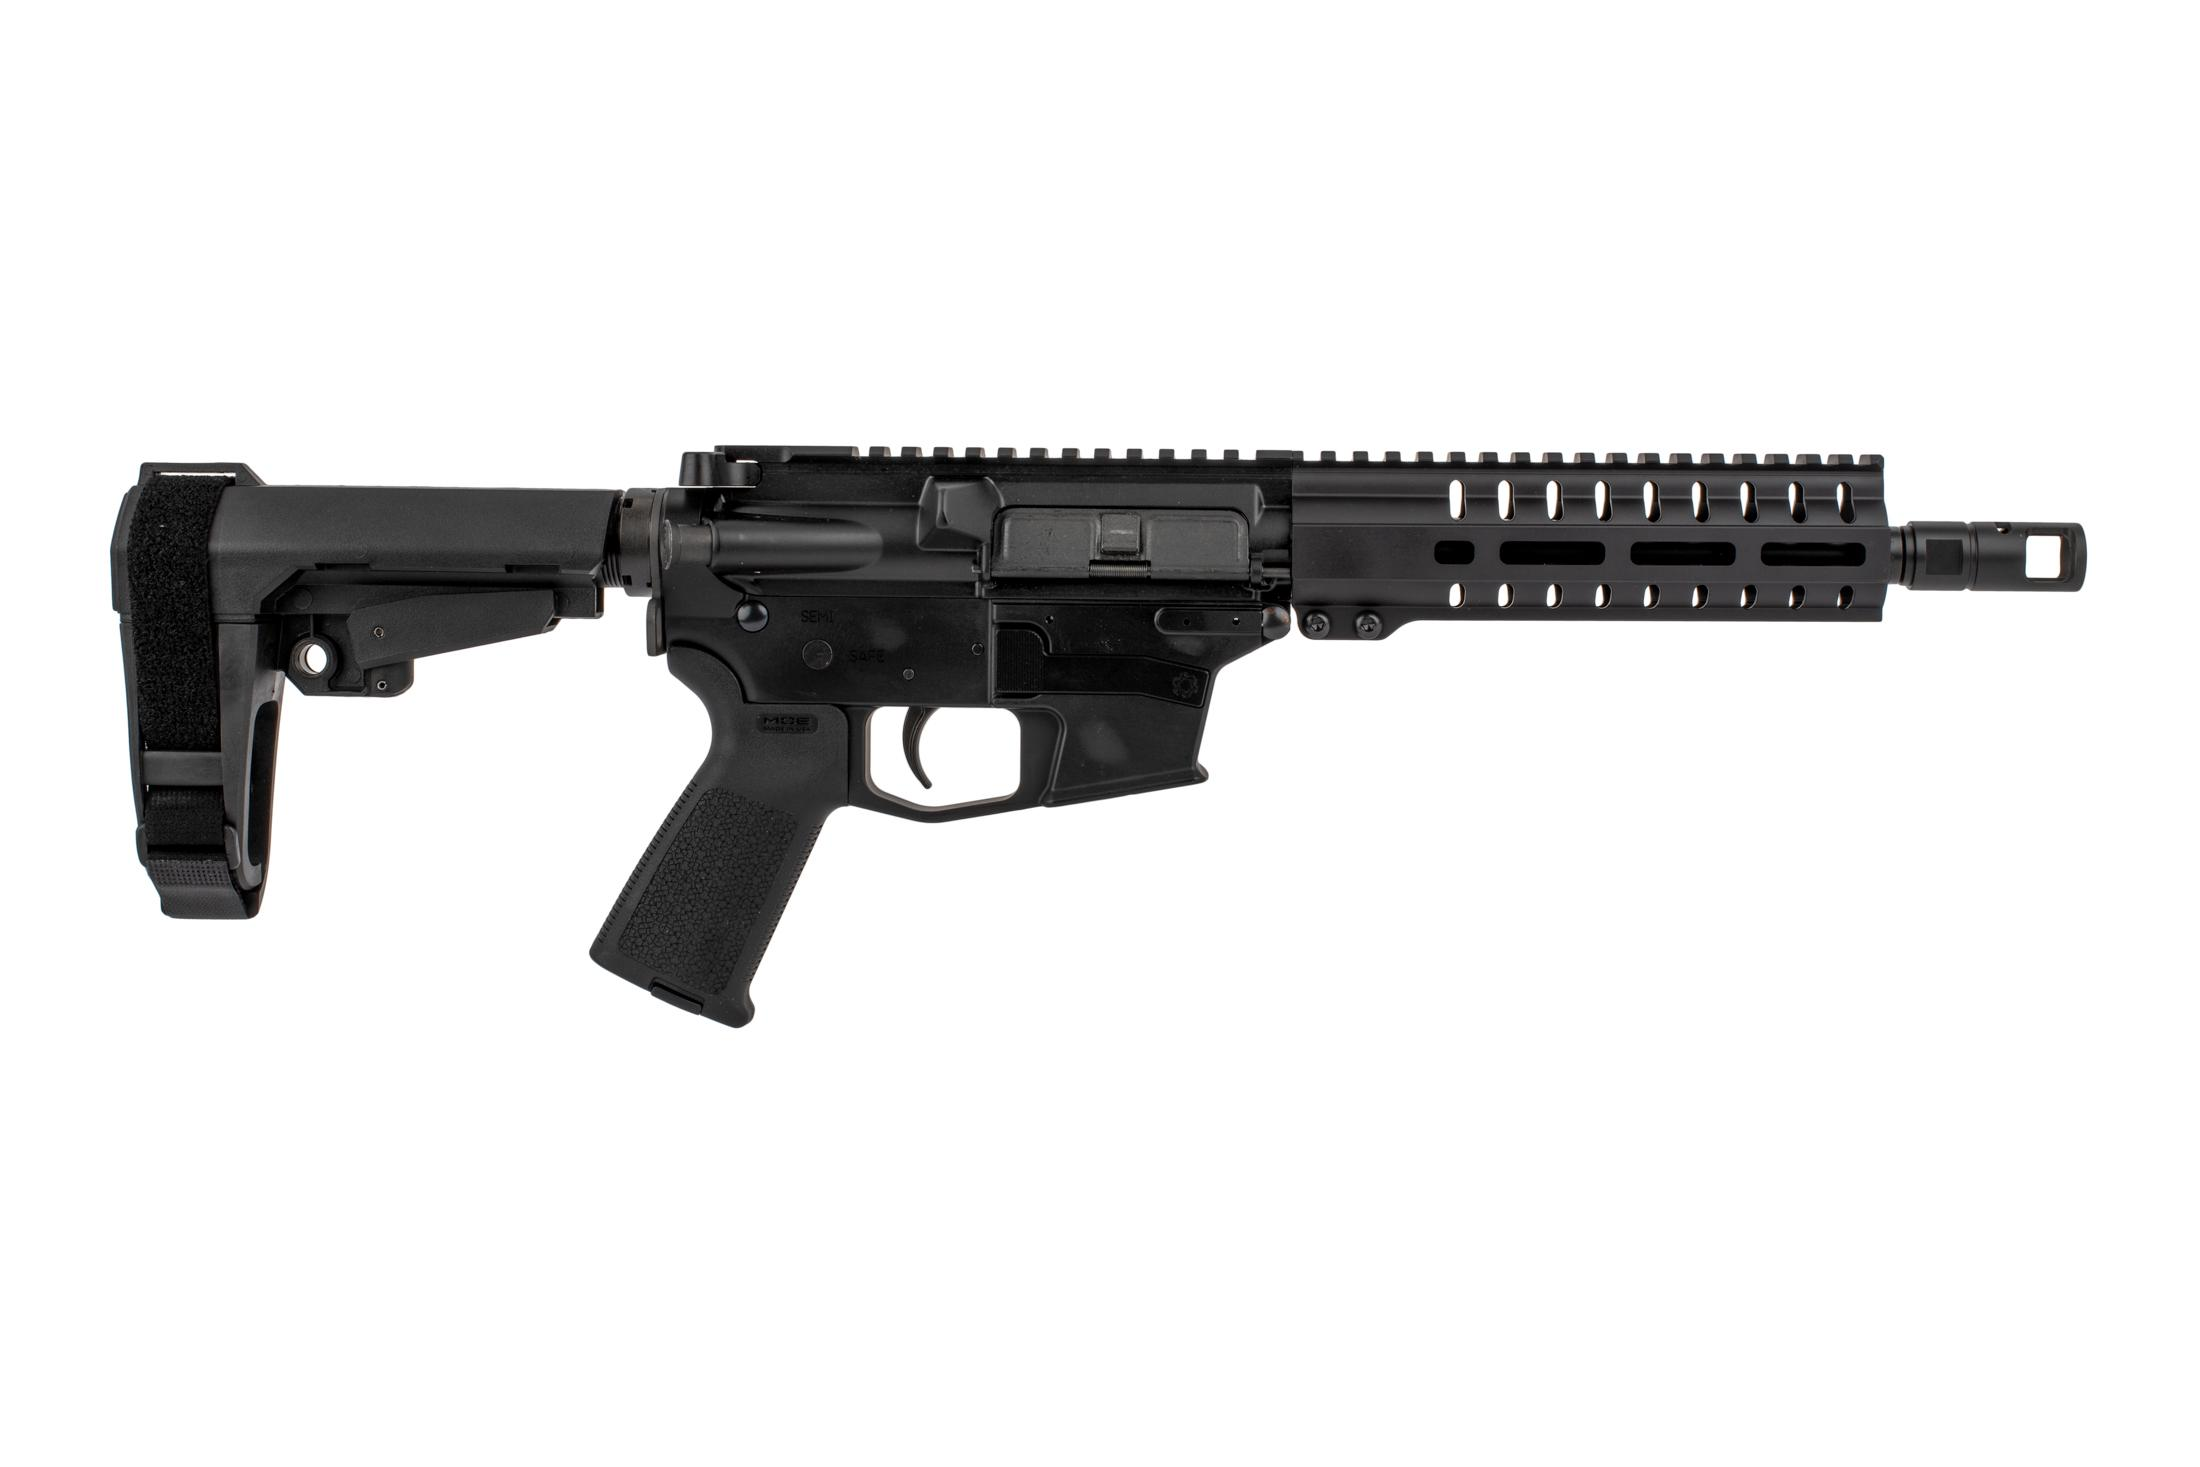 AR9 pistol